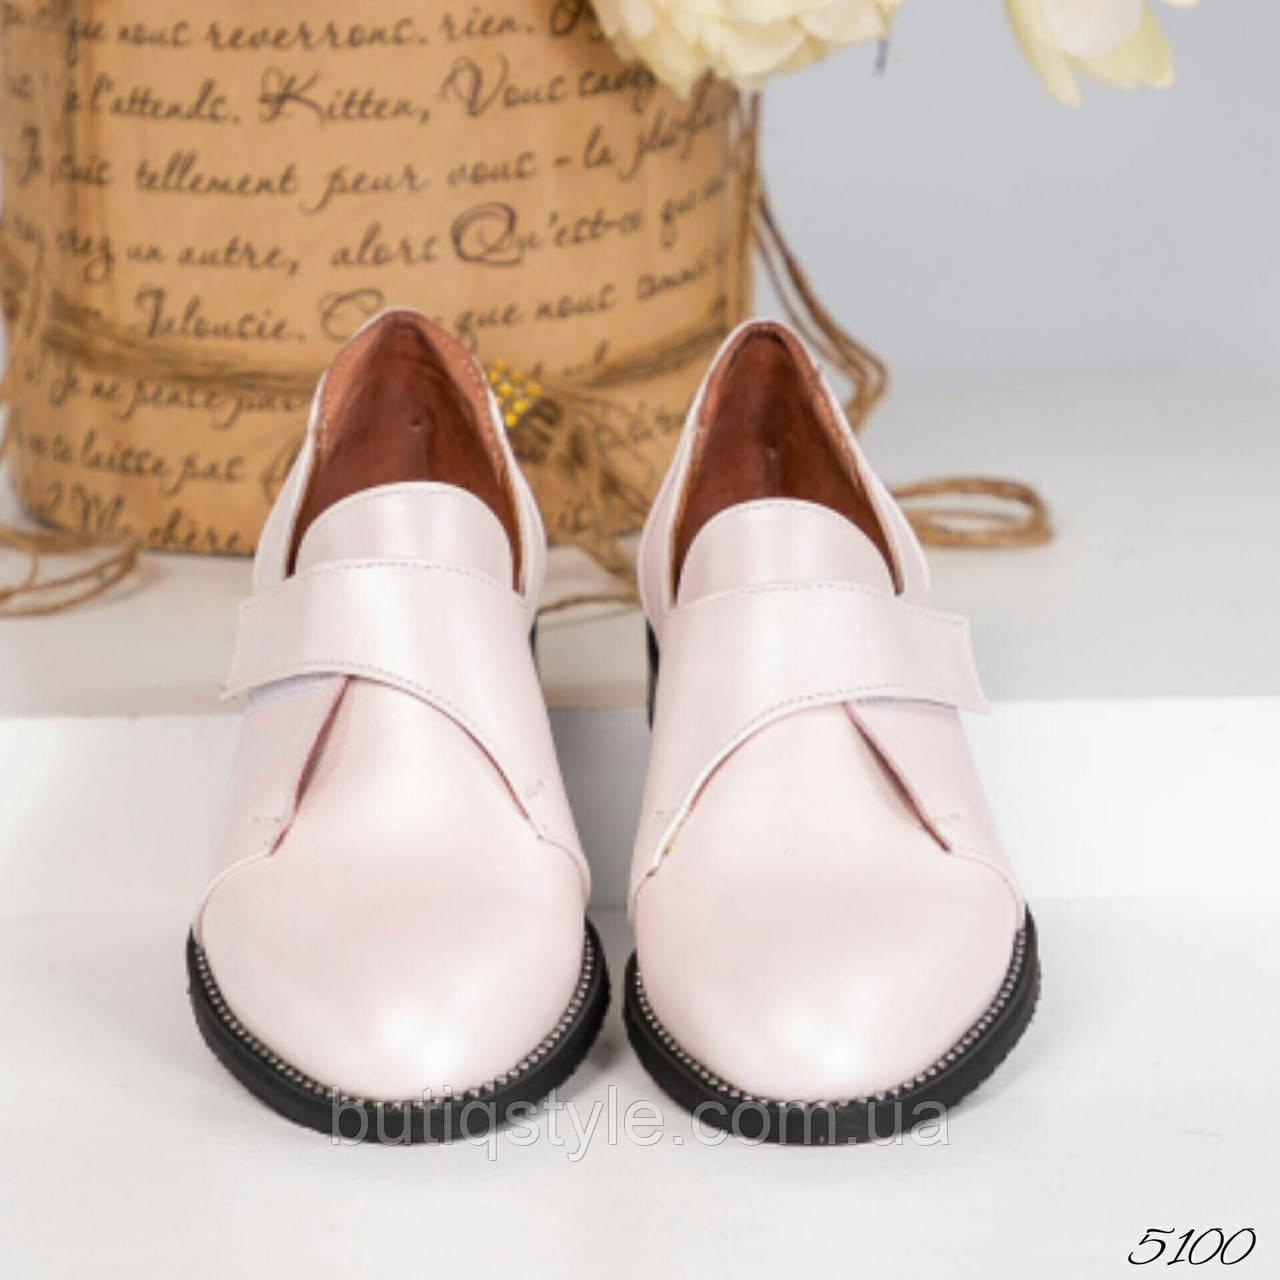 36 размер Женские туфли лоферы беж на низком ходу с жемчугом, натуральная кожа